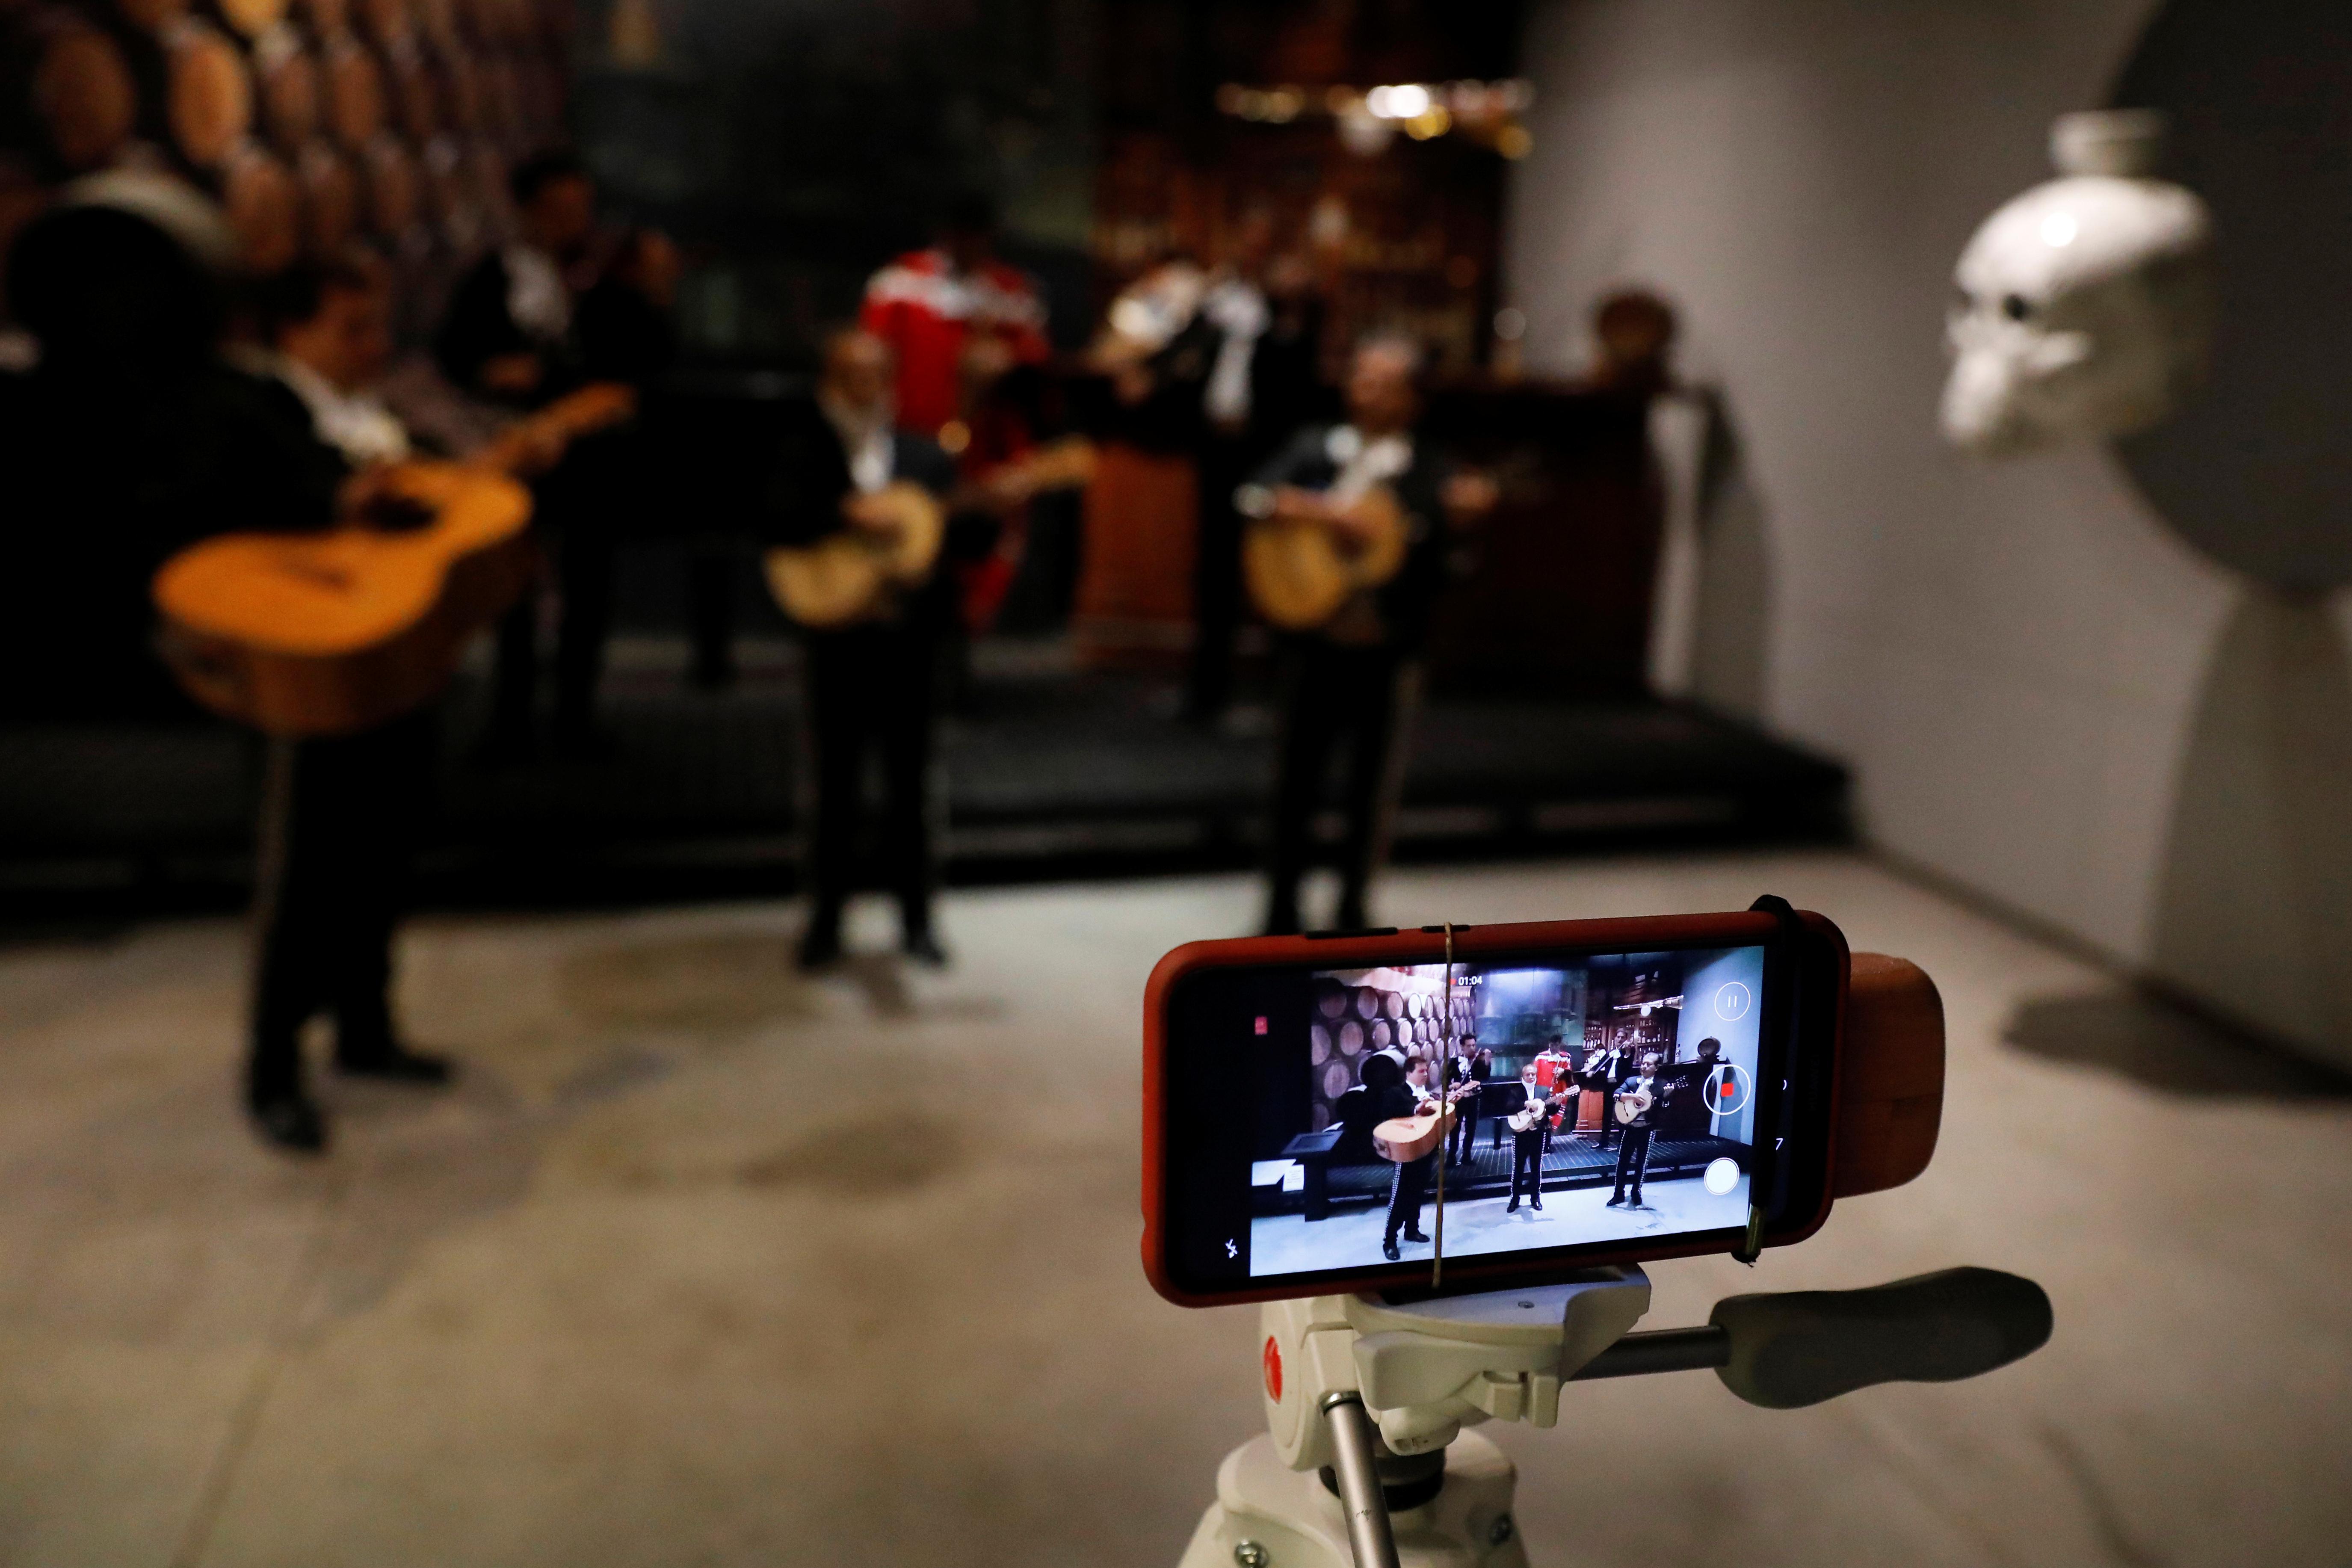 Un teléfono móvil graba un grupo de mariachis, mientras se presentan y reproducen música que se mostrará en línea para el Día de la Madre en la Ciudad de México, México. Mayo 9, 2020. (Foto: REUTERS/Carlos Jasso)